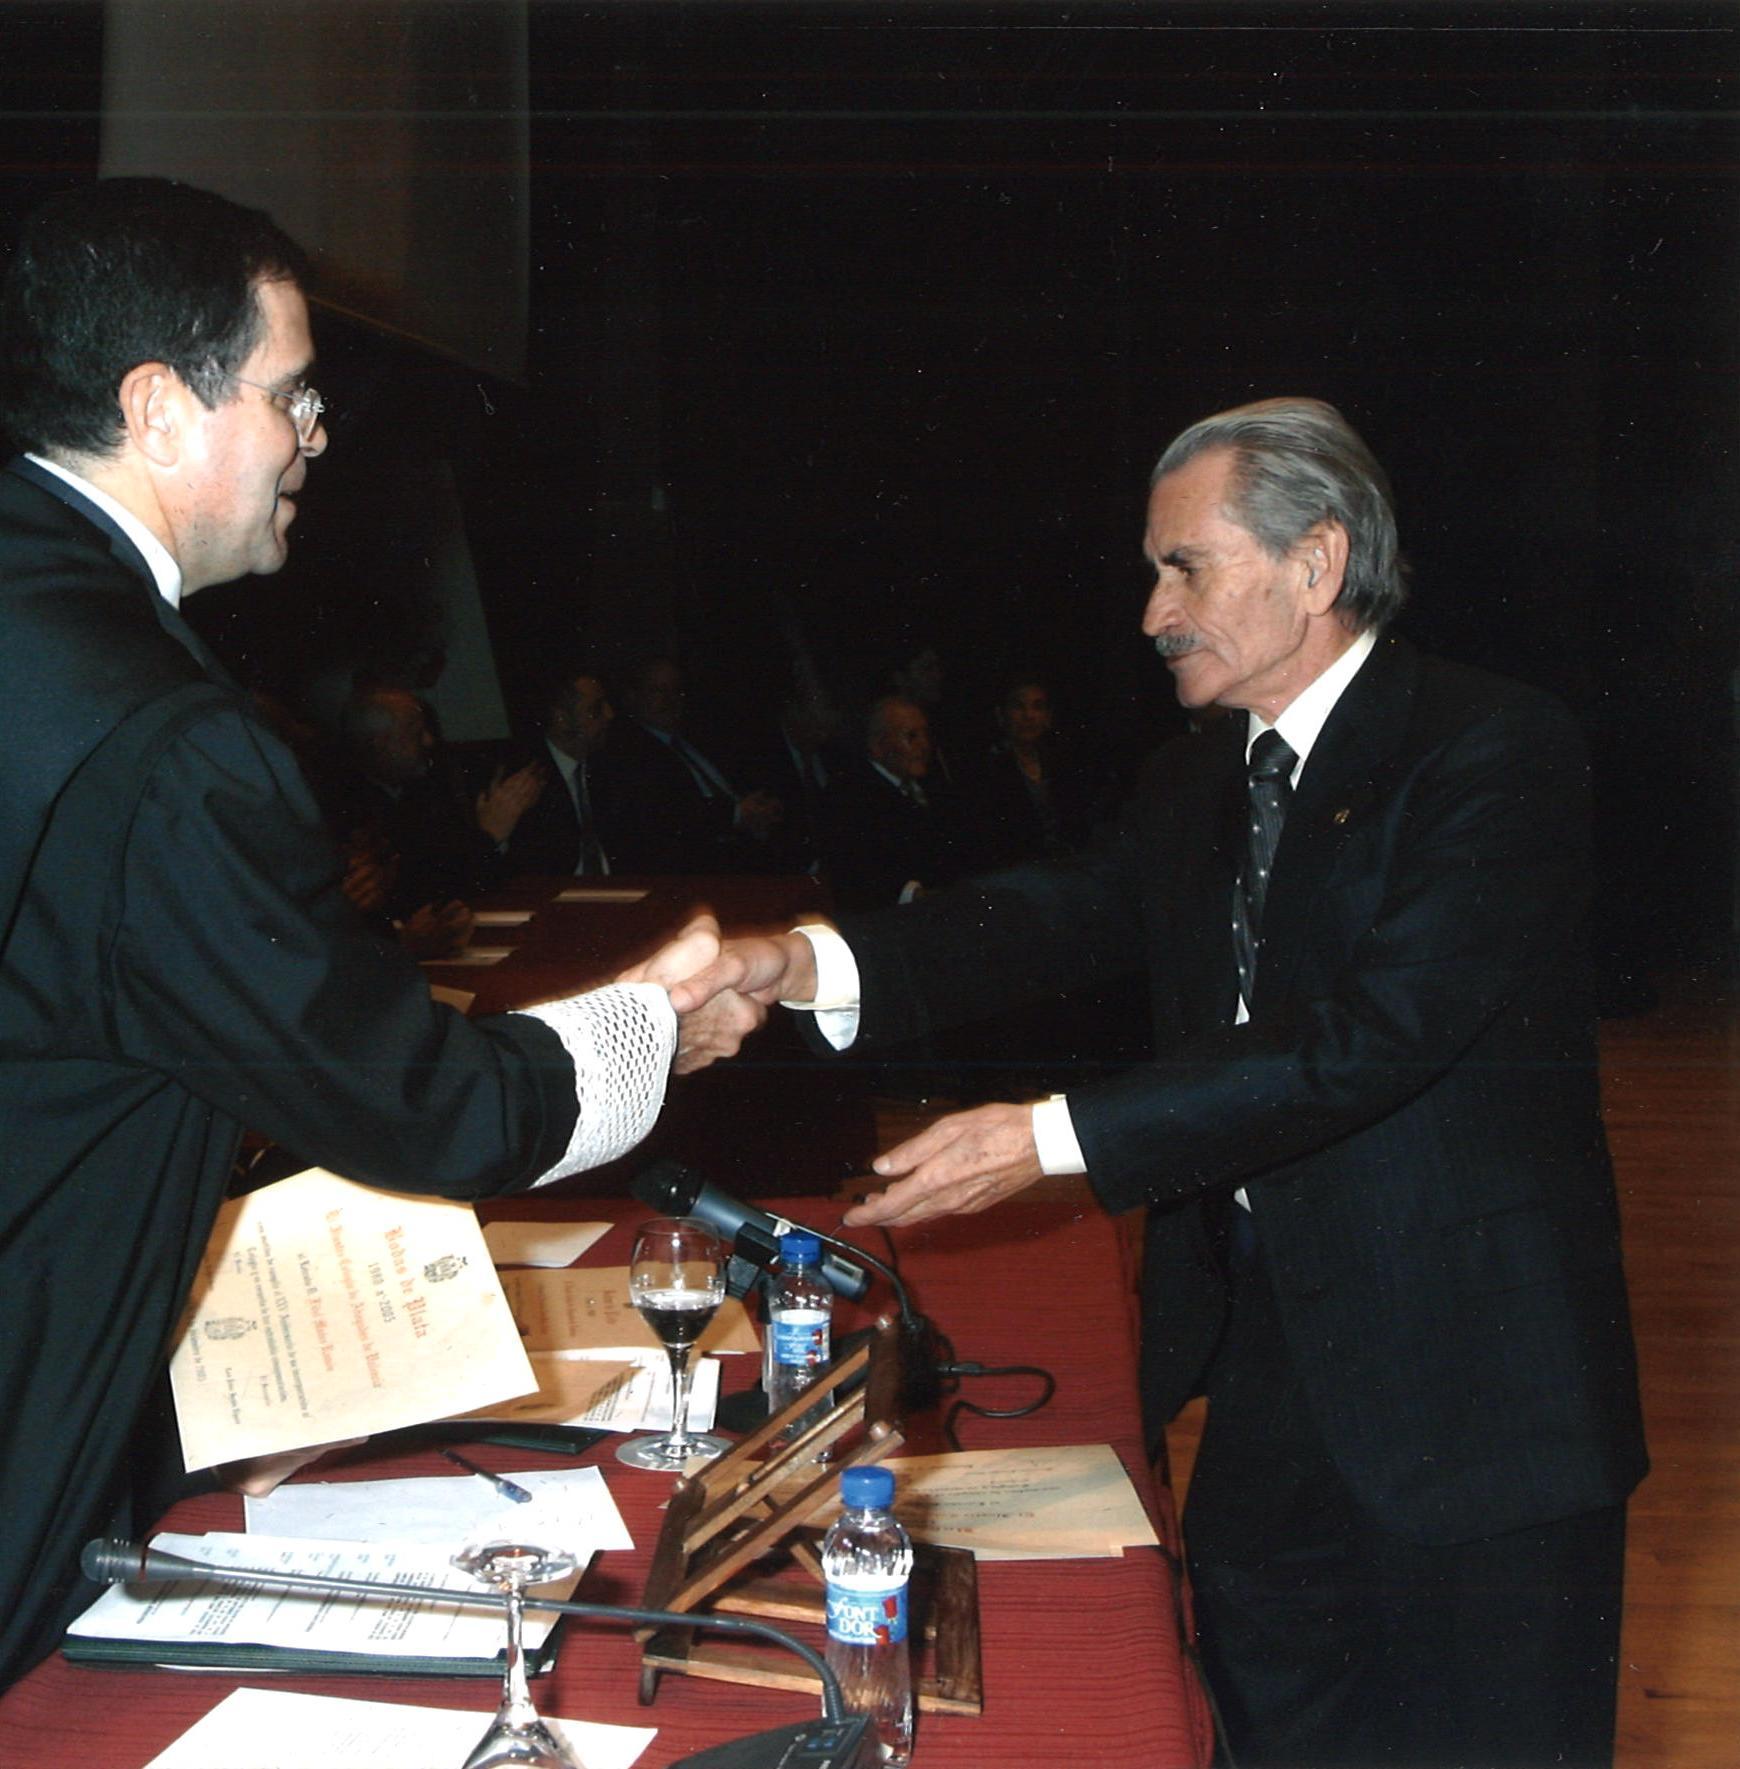 Entrega del diploma a los 25 años de ejercicio de la abogacía de Don Fidel Máñez Ramón.